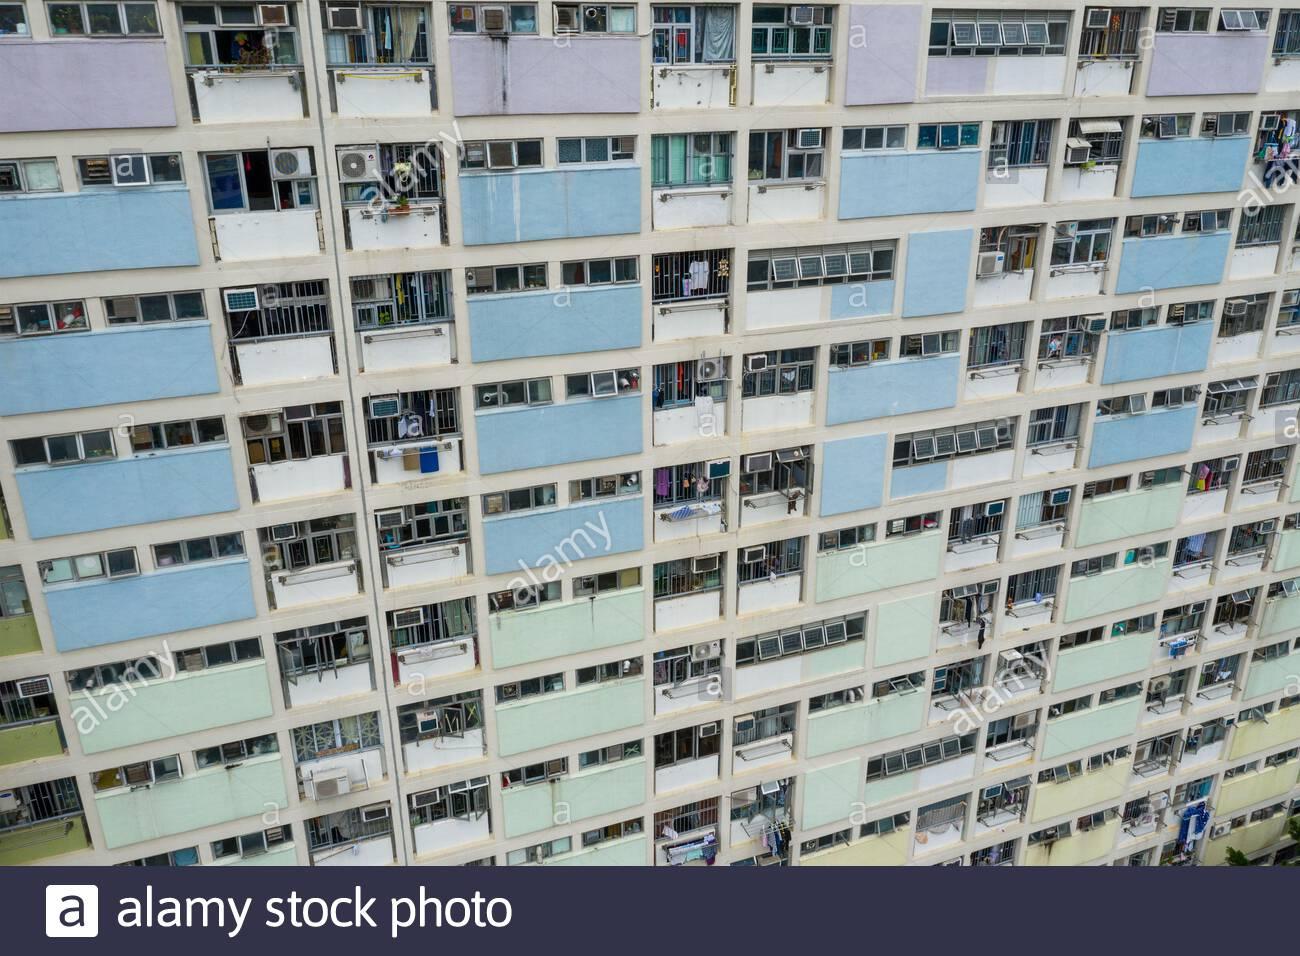 Choi Hung Hong Kong 17 May 2019 Top View Of Famous Public Estate In Hong Kong Choi Hung Estate Stock Photo Alamy